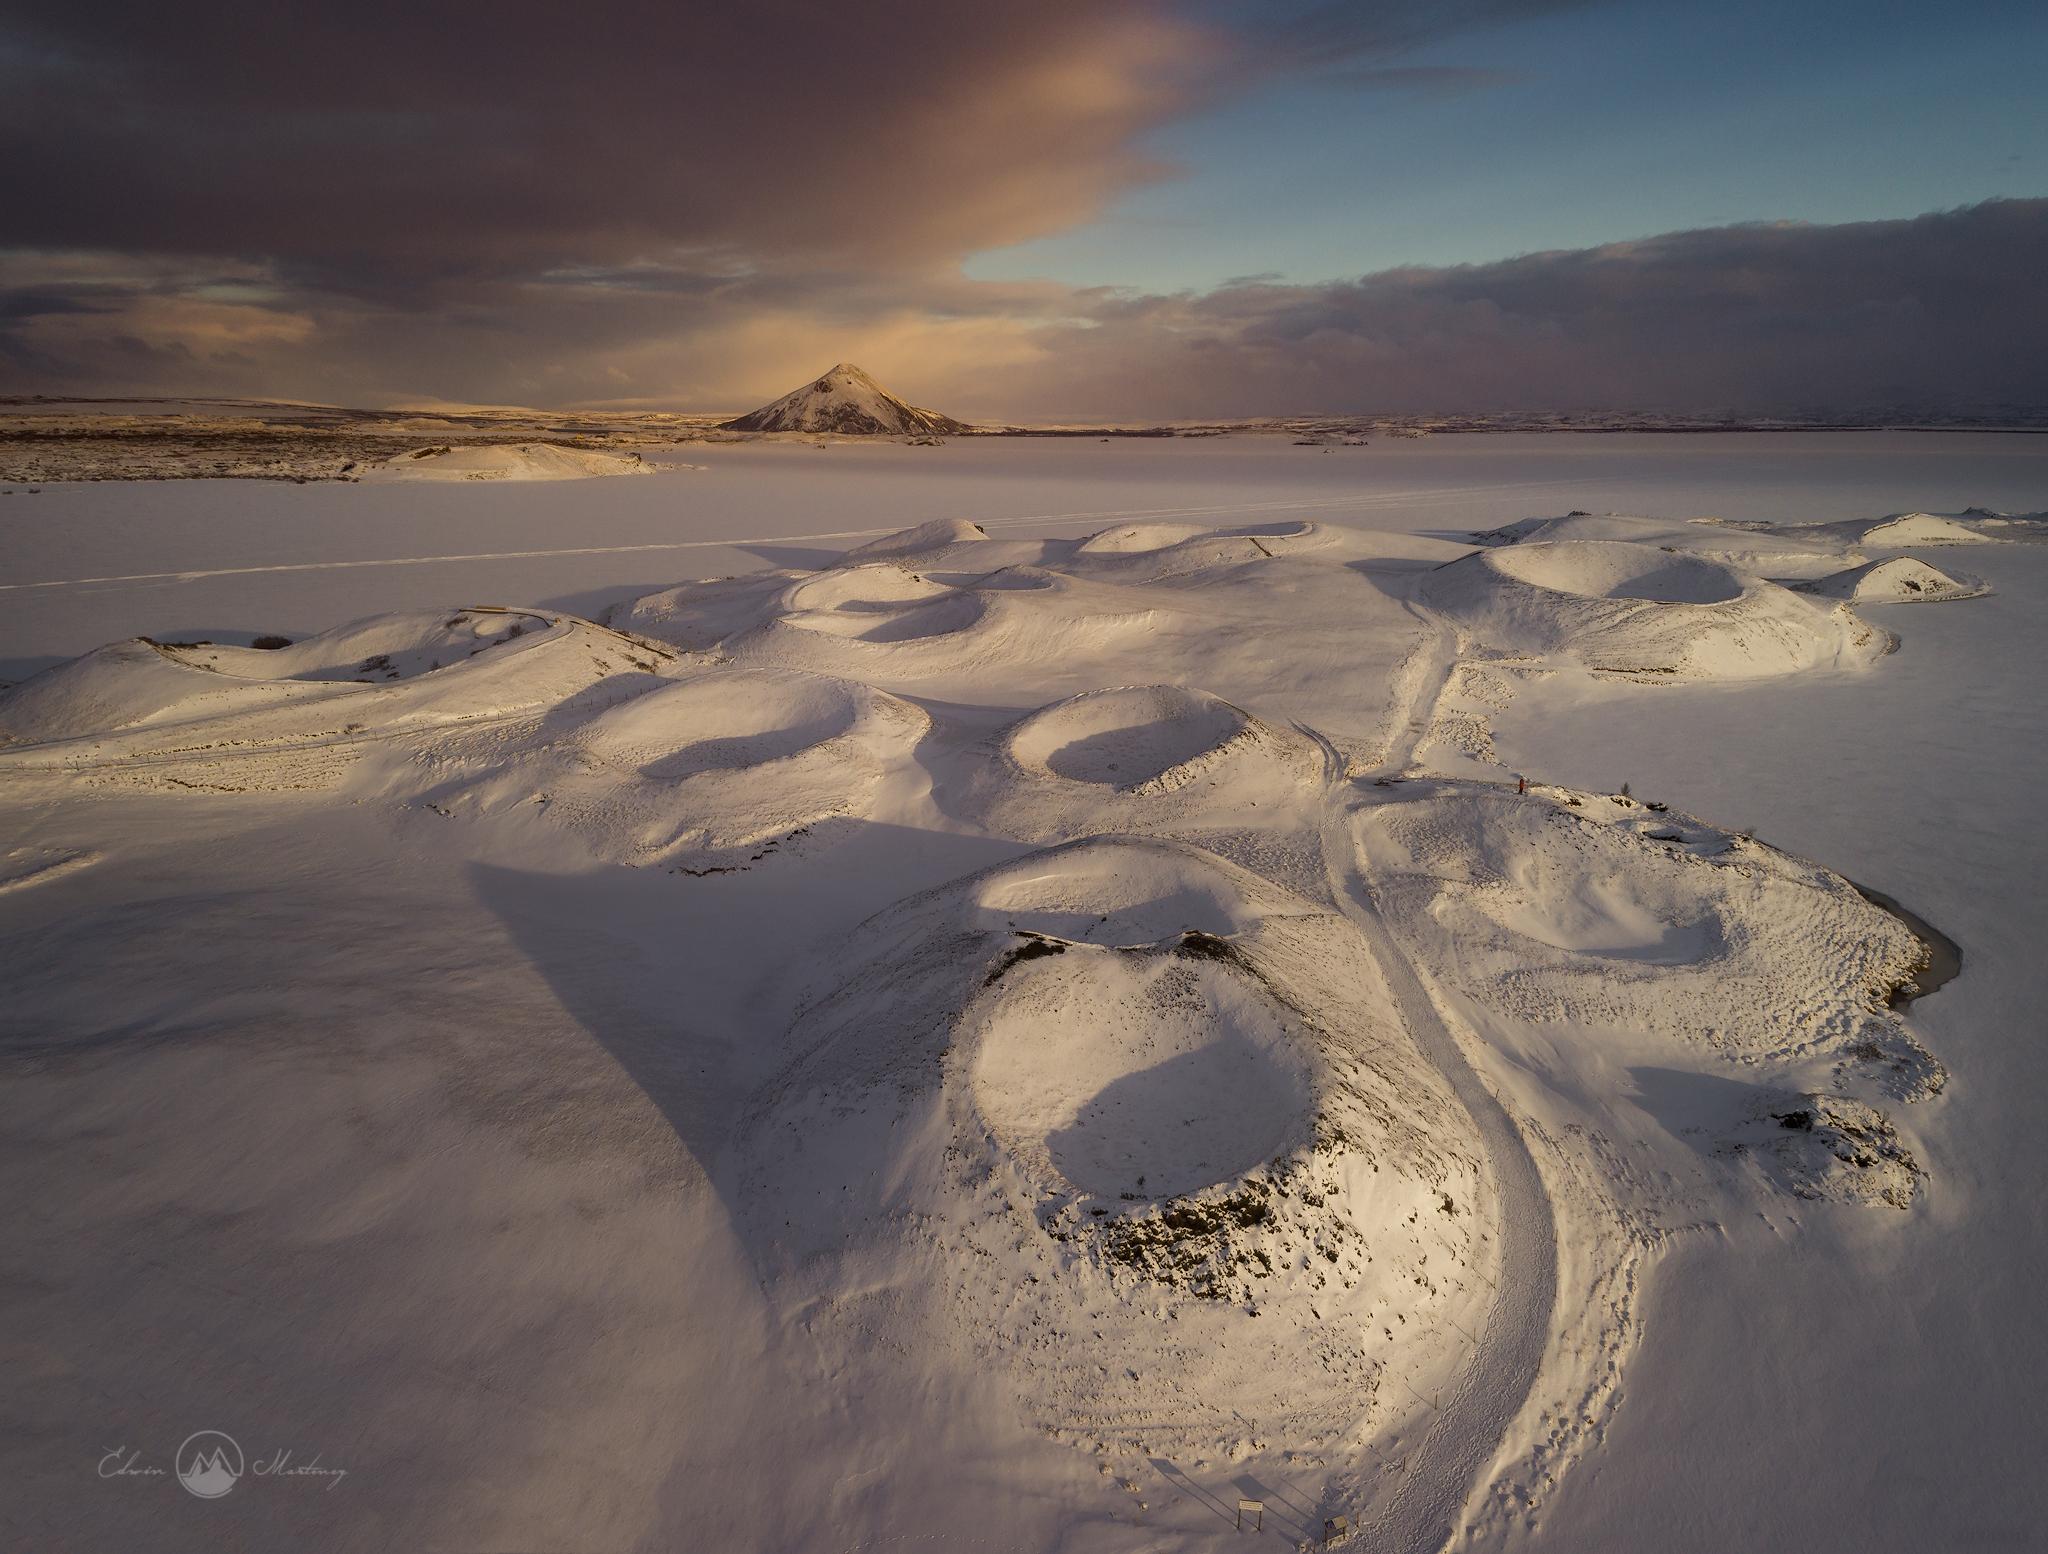 Taller de fotografía completo de dos semanas en Islandia en invierno - day 7